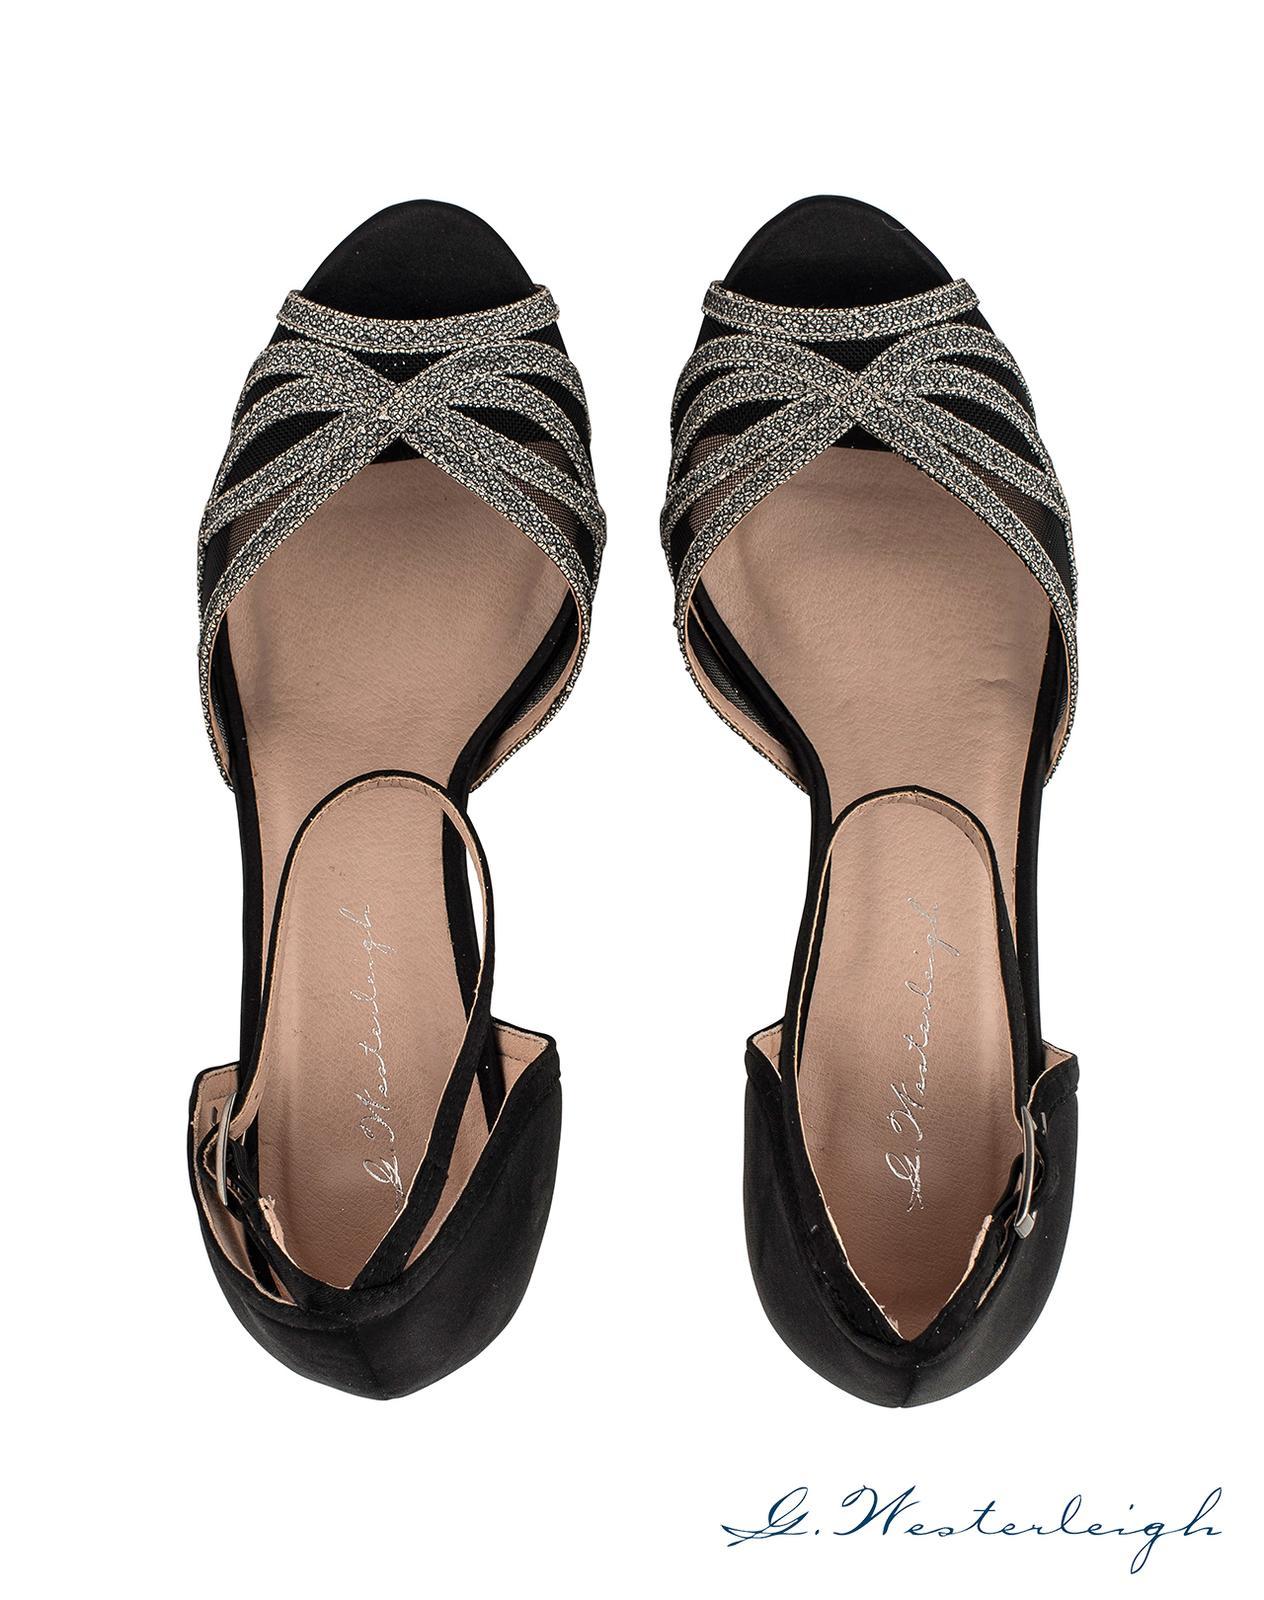 Spoločenské topánky Salamanca - Obrázok č. 3